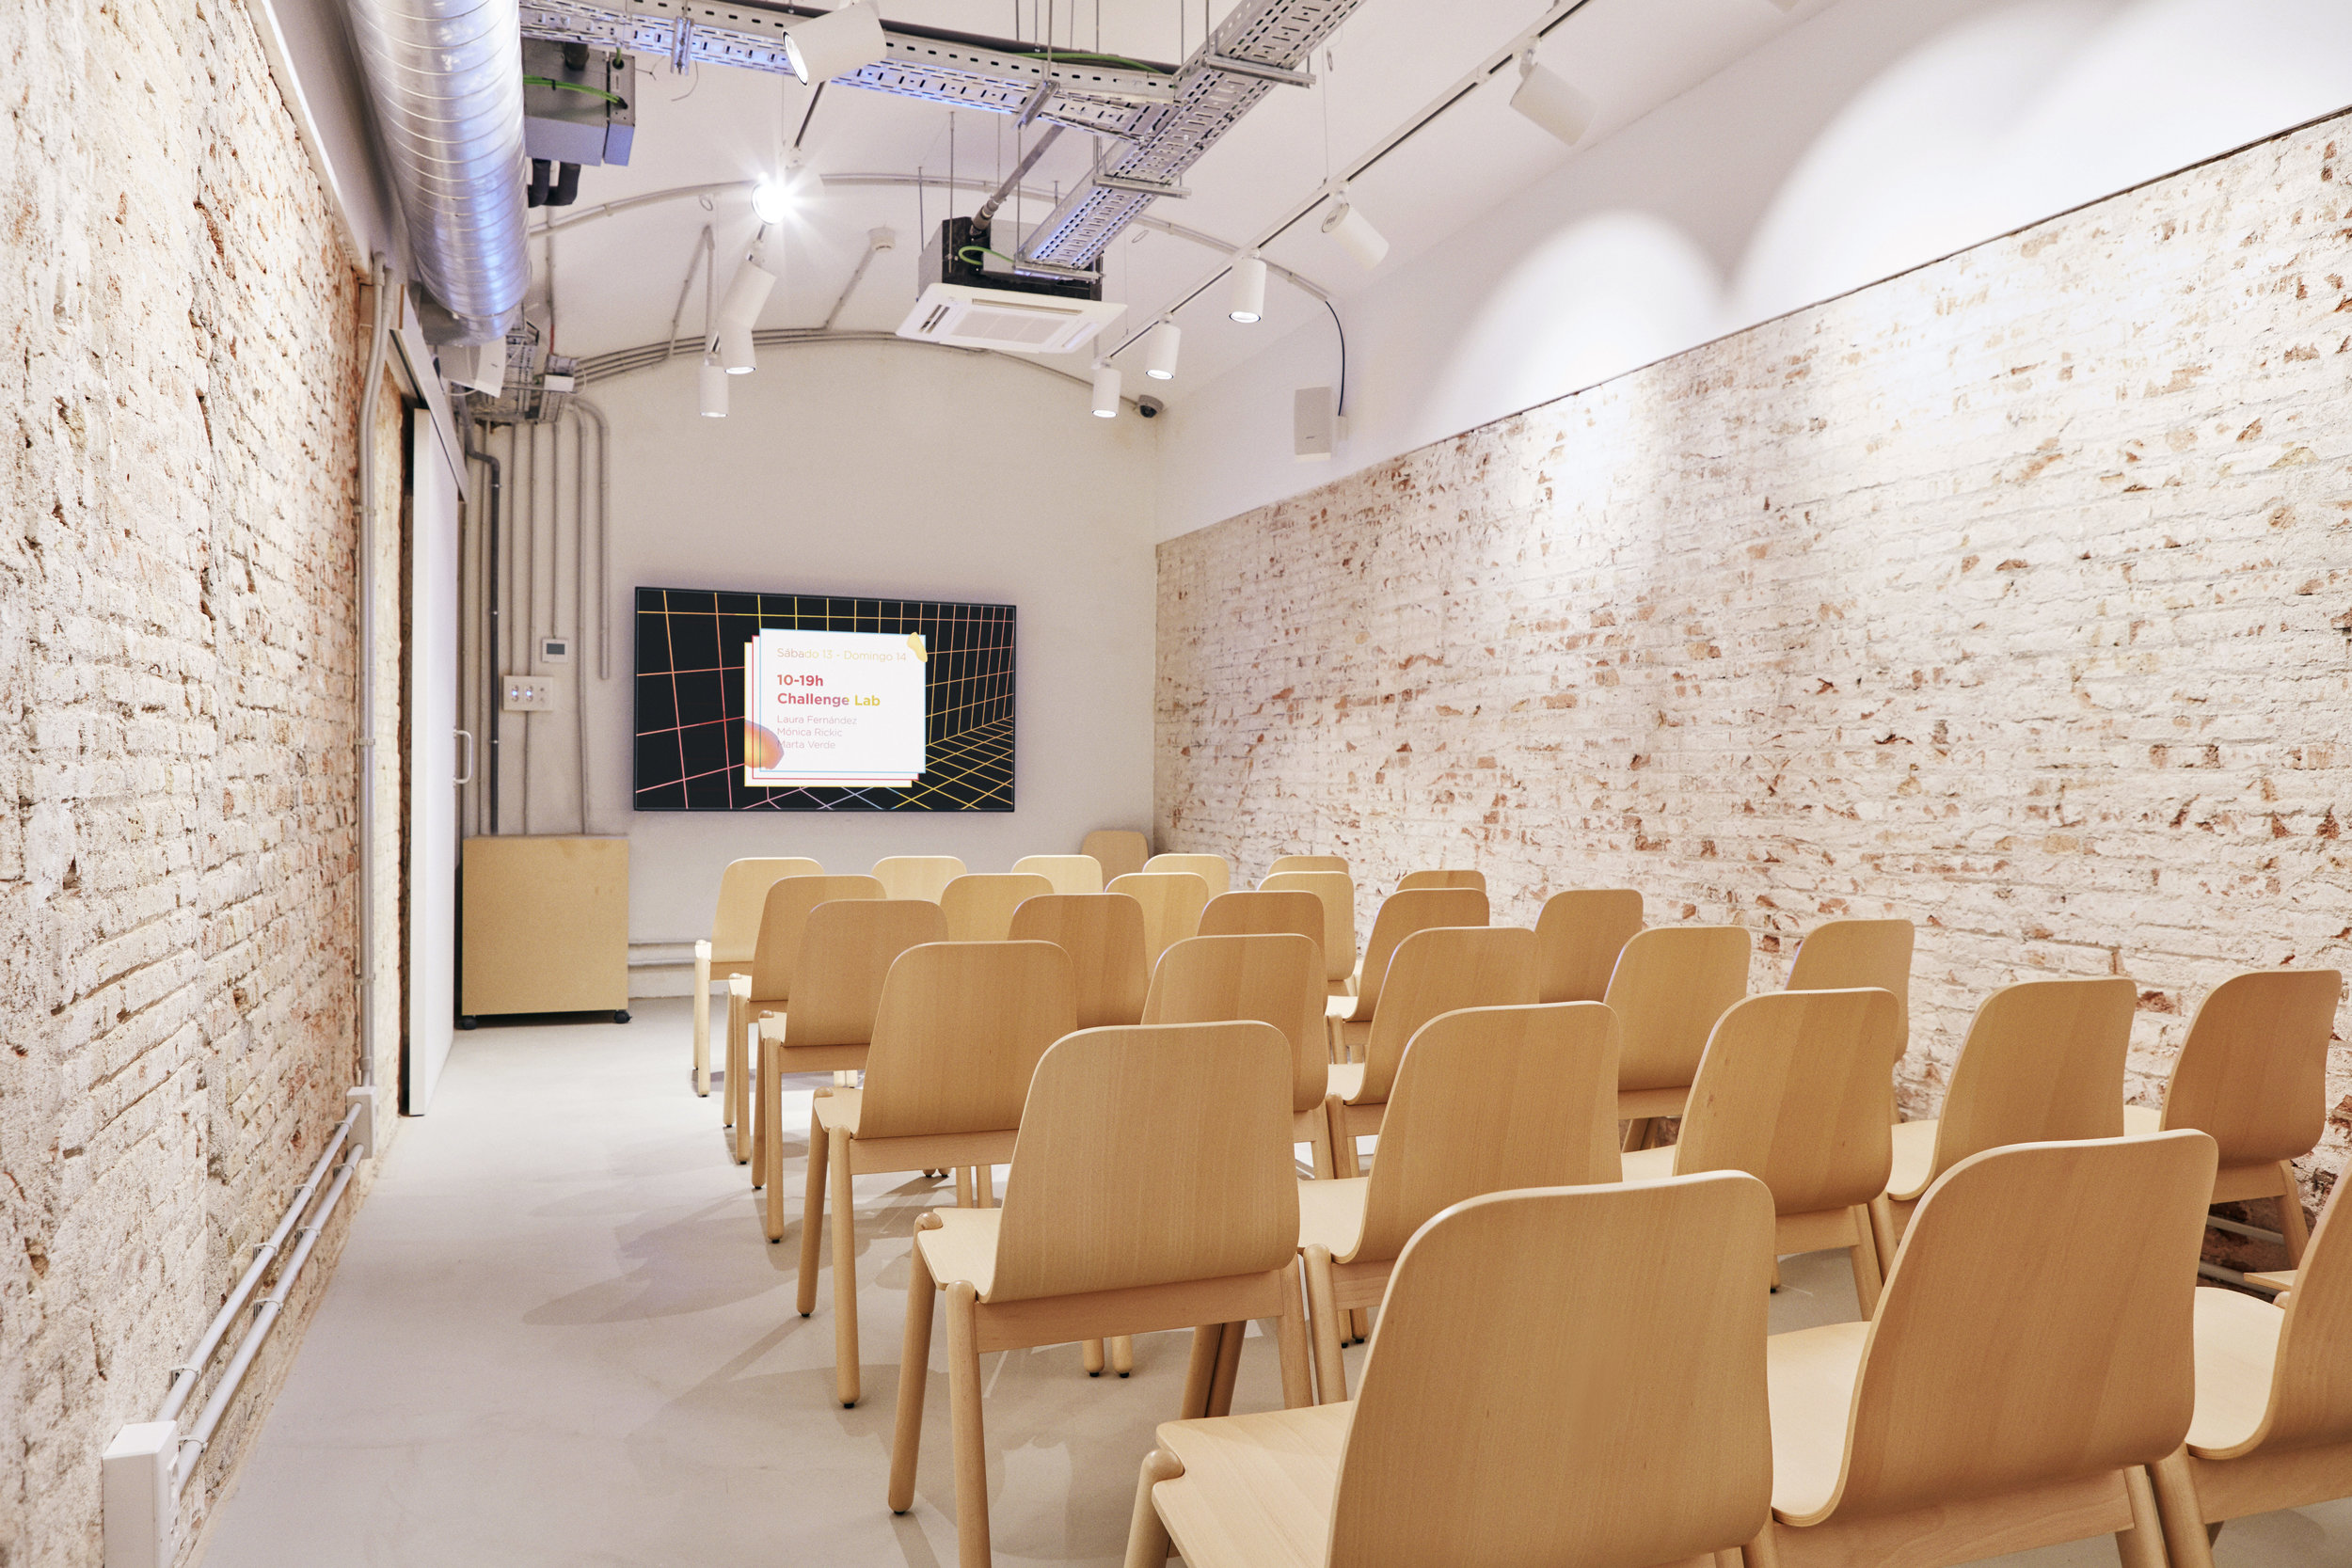 Sala Lab Multimedia, indicada para presentaciones y reuniones.